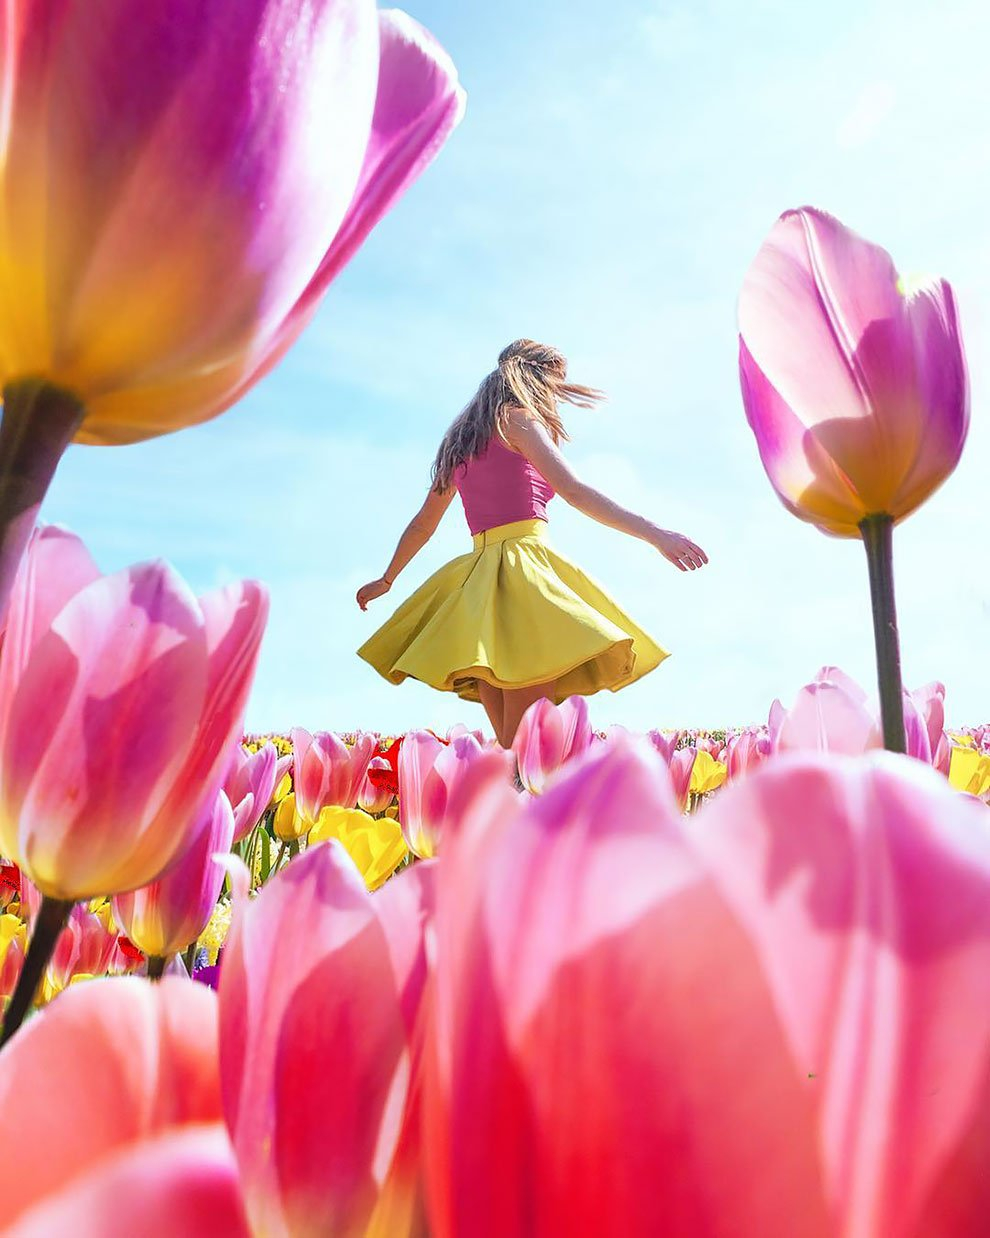 Цветущие поля тюльпанов в Нидерландах